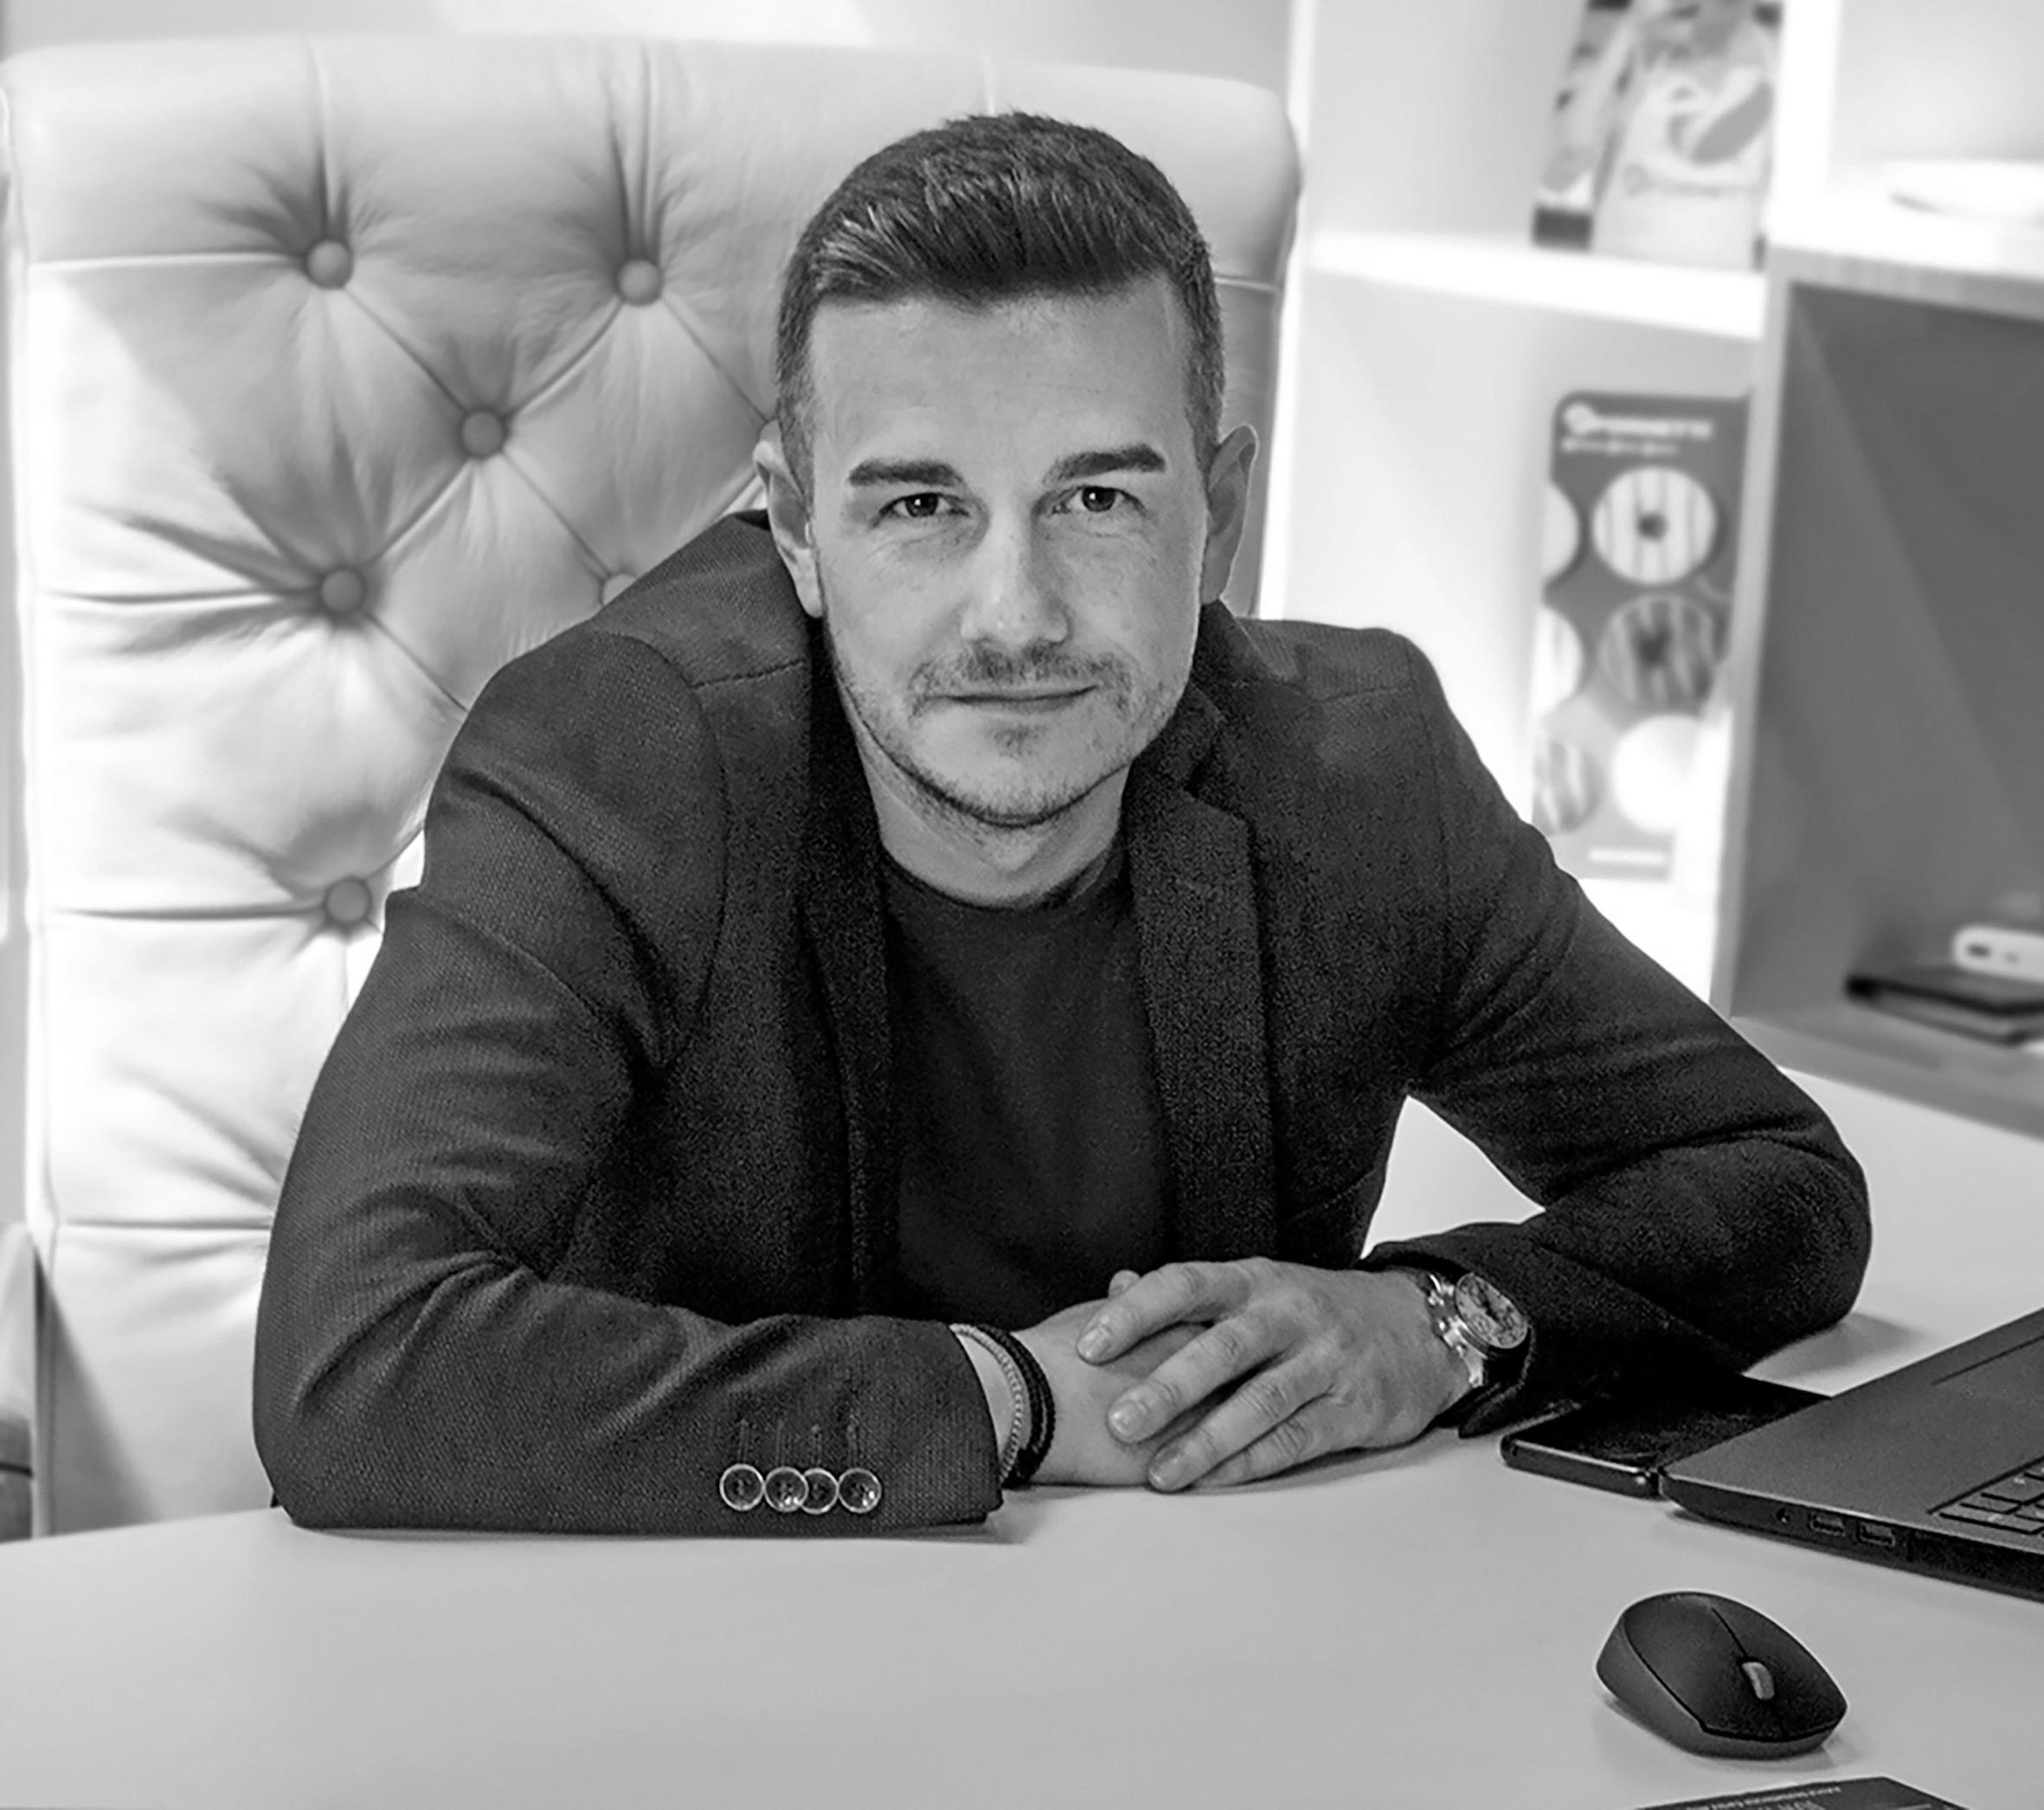 Business MAGAZIN. Cum l-a transformat Fornetti pe român în patiser: Un milion de români este media săptămânală de clienţi a business-ului pornit din Ungaria, care a câştigat teren pe piaţa românească